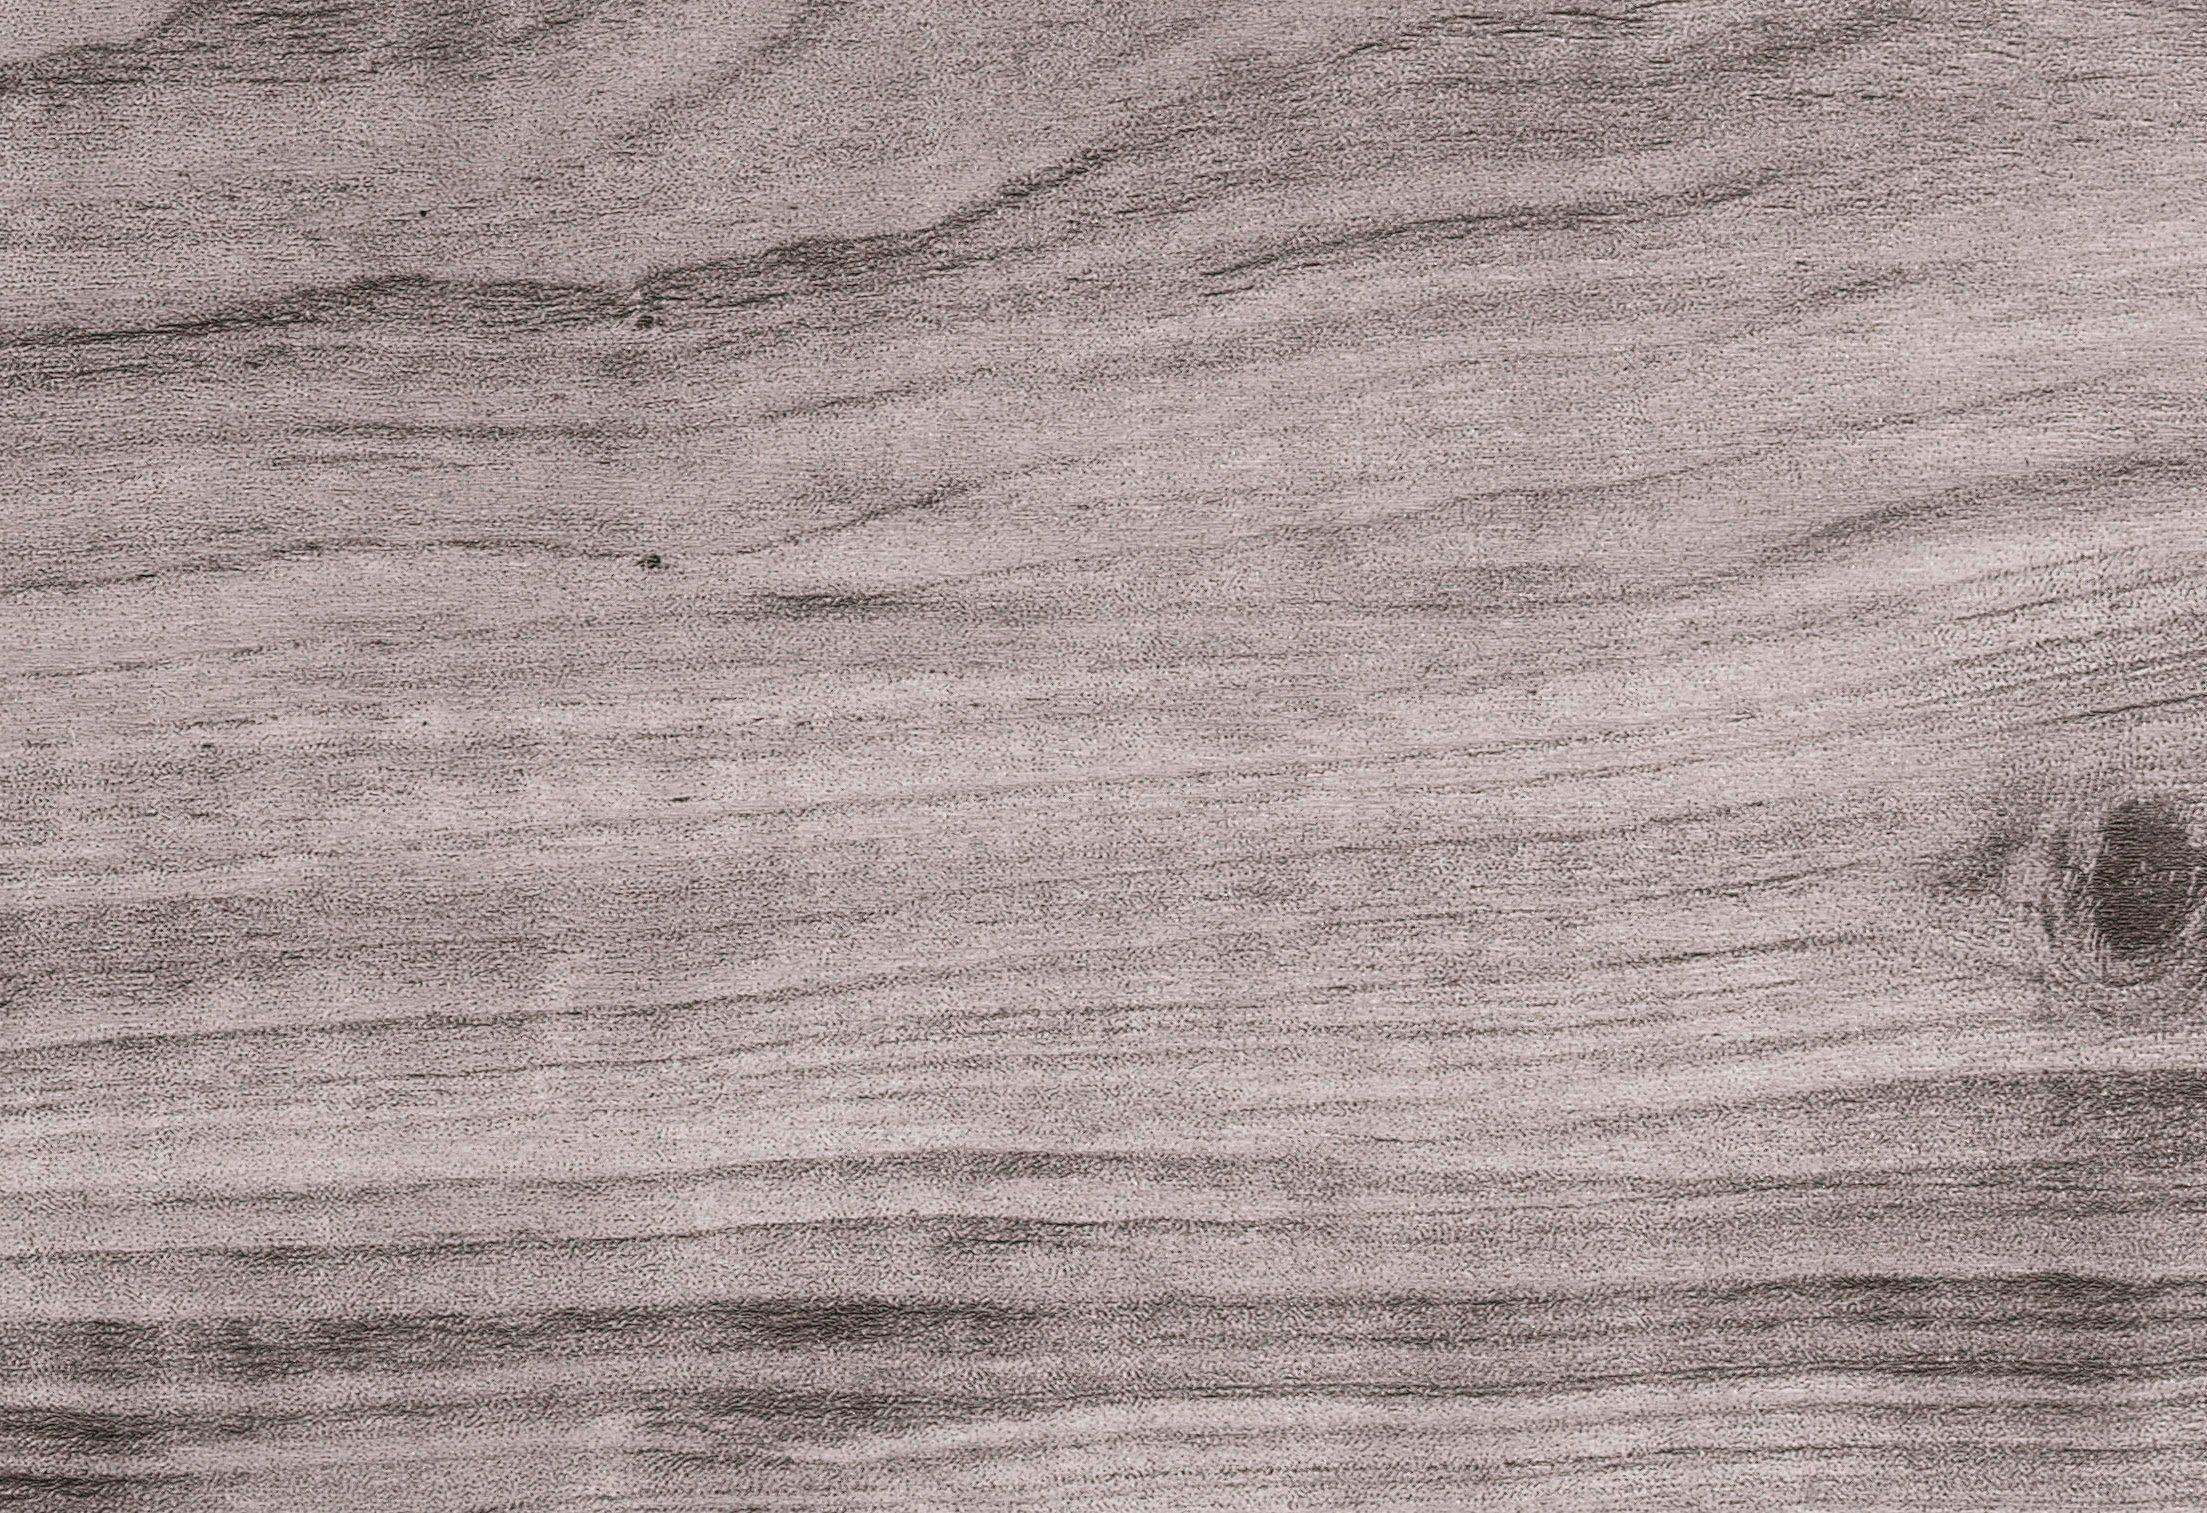 Fußboden Pvc ~ Pvc boden vinylboden kaufen vinyl laminat pvc fliesen otto